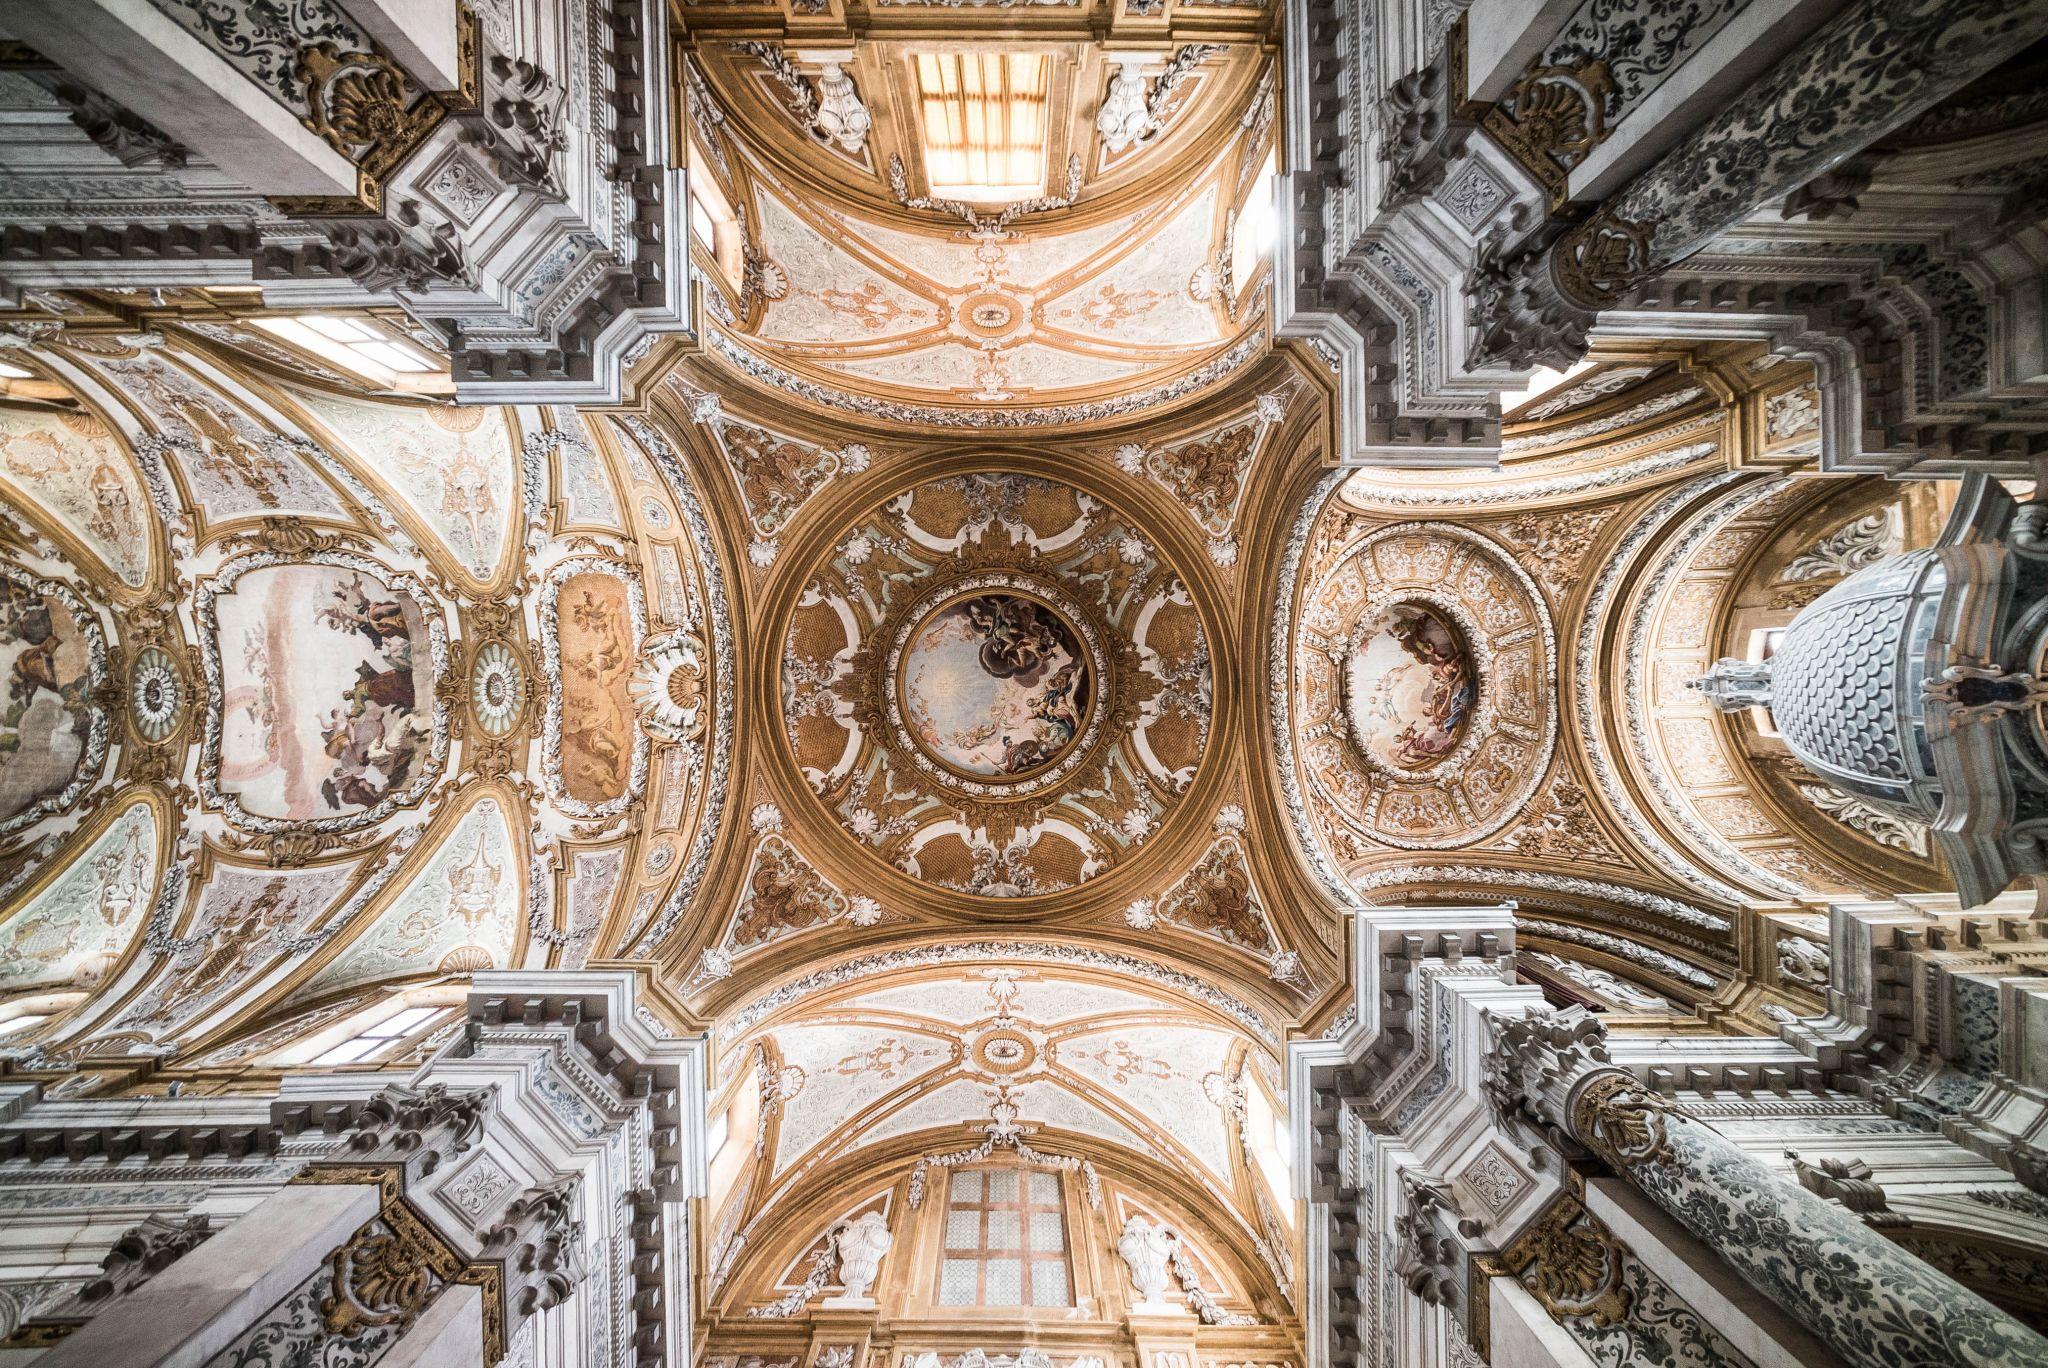 Gesuiti church, Italy